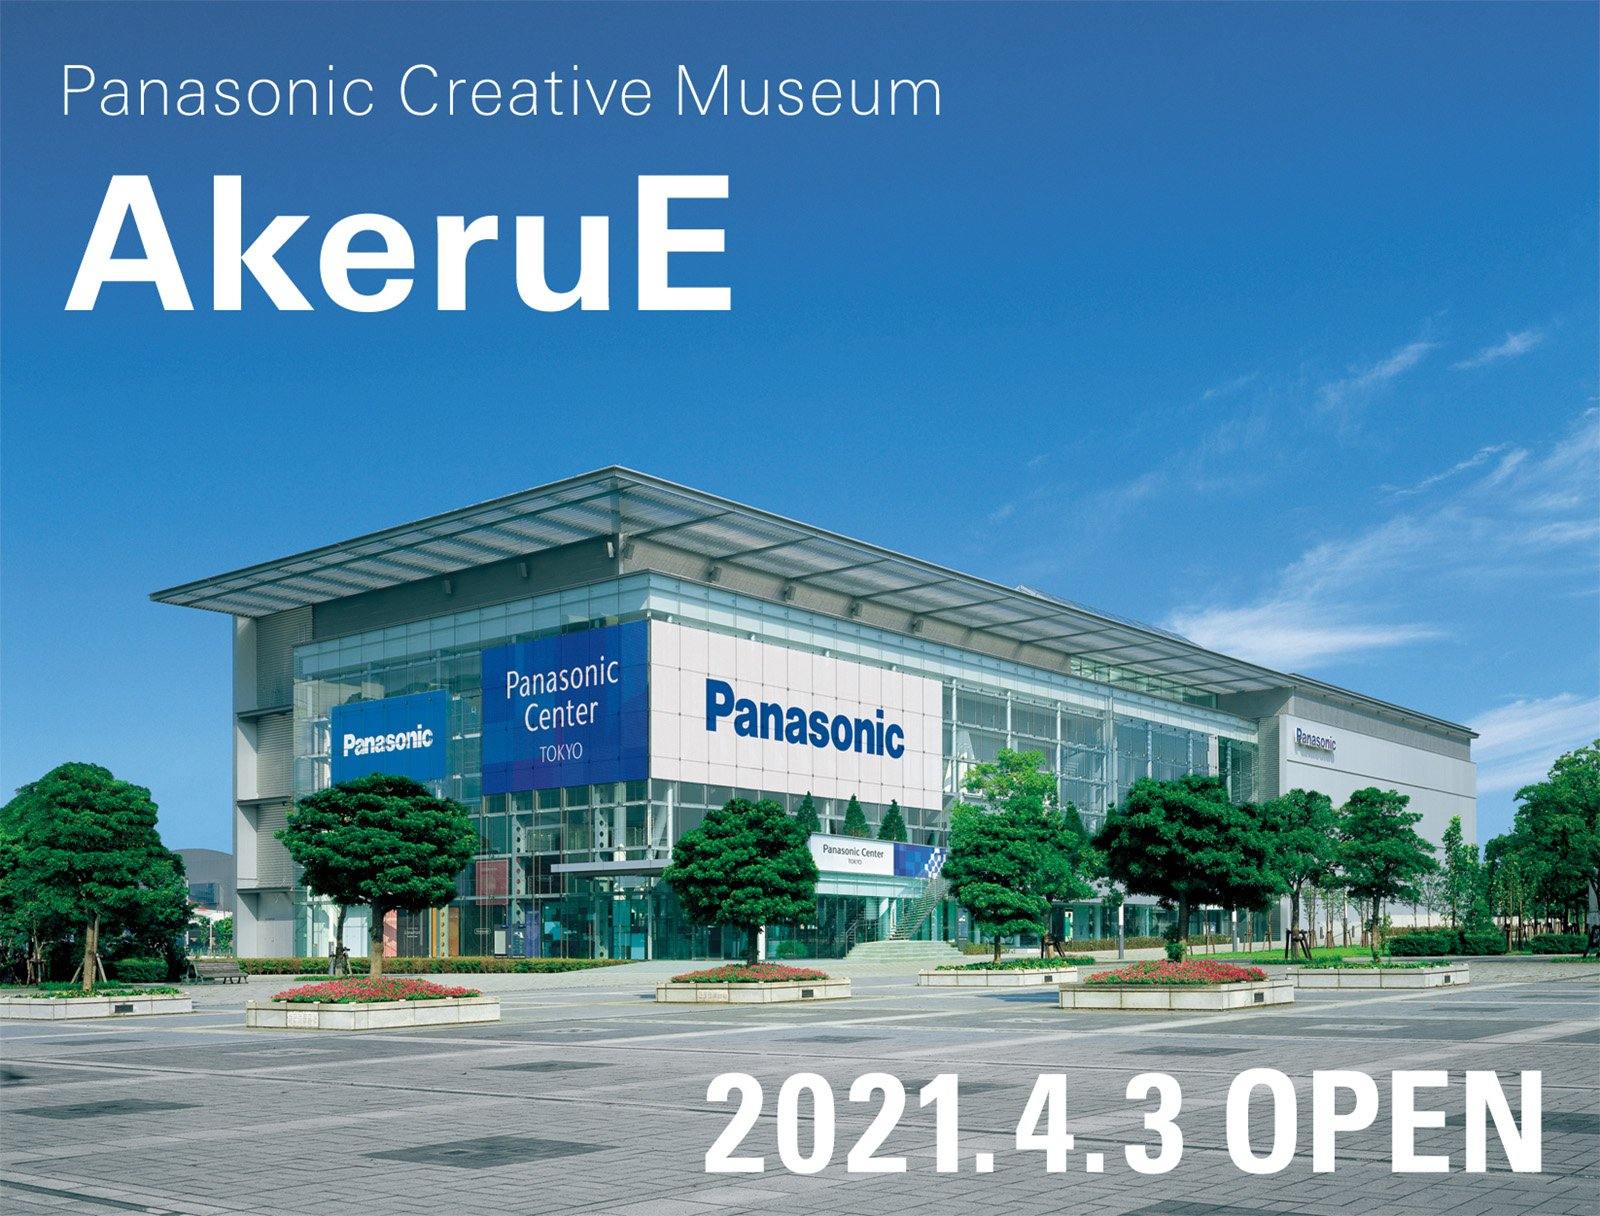 写真:パナソニック クリエイティブミュージアム「AkeruE(アケルエ)」